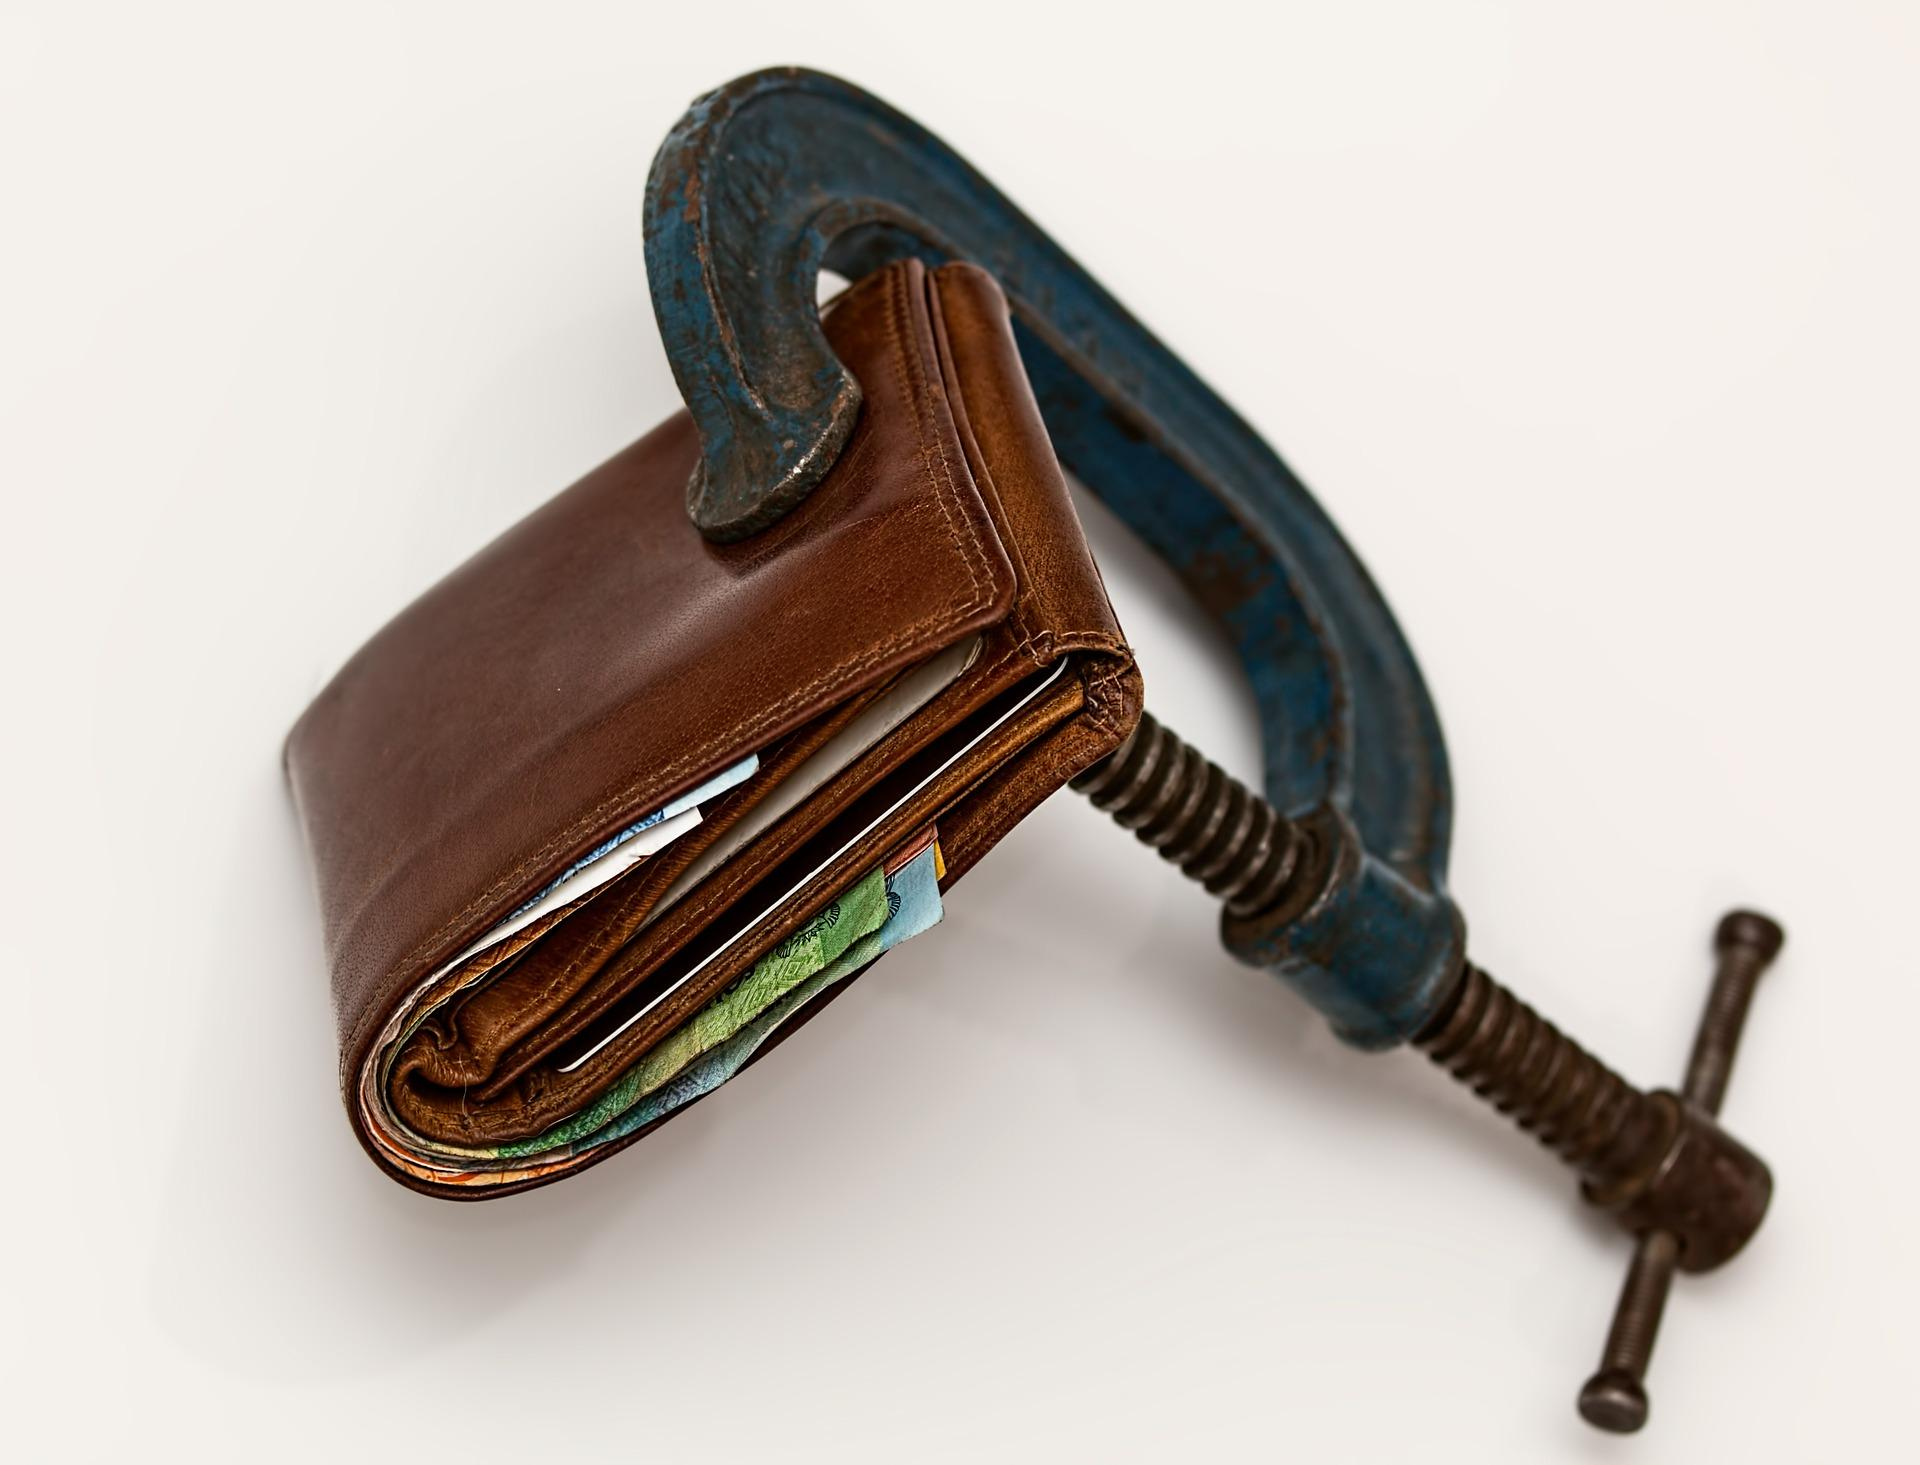 Die erfolgreiche Insolvenzanfechtung — und die Berichtigung des Vorsteuerabzugs